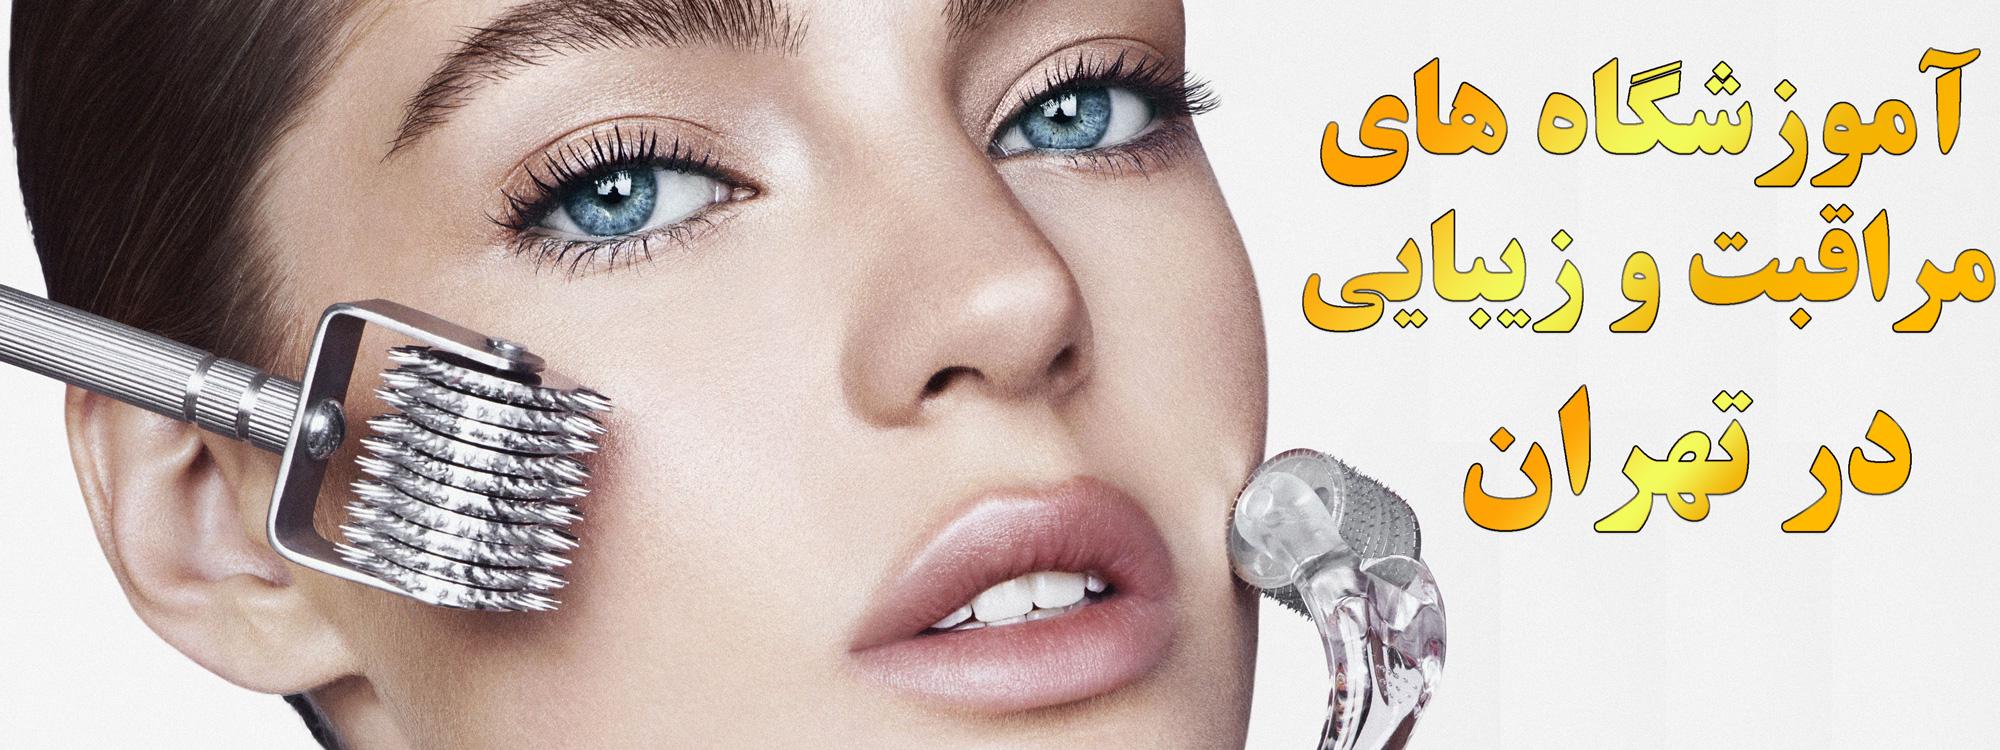 دوره های مراقبت از پوست فنی و حرفه ای در تهران ، دوره های اموزشی پاکسازی پوست در غرب تهران ، دوره های پاکسازی پوست فنی حرفه ای شمال تهران ، هزینه دوره های پاکسازی پوست در تهران ، آموزش پاکسازی پوست عروس ، آموزش پاکسازی و جوانسازی پوست